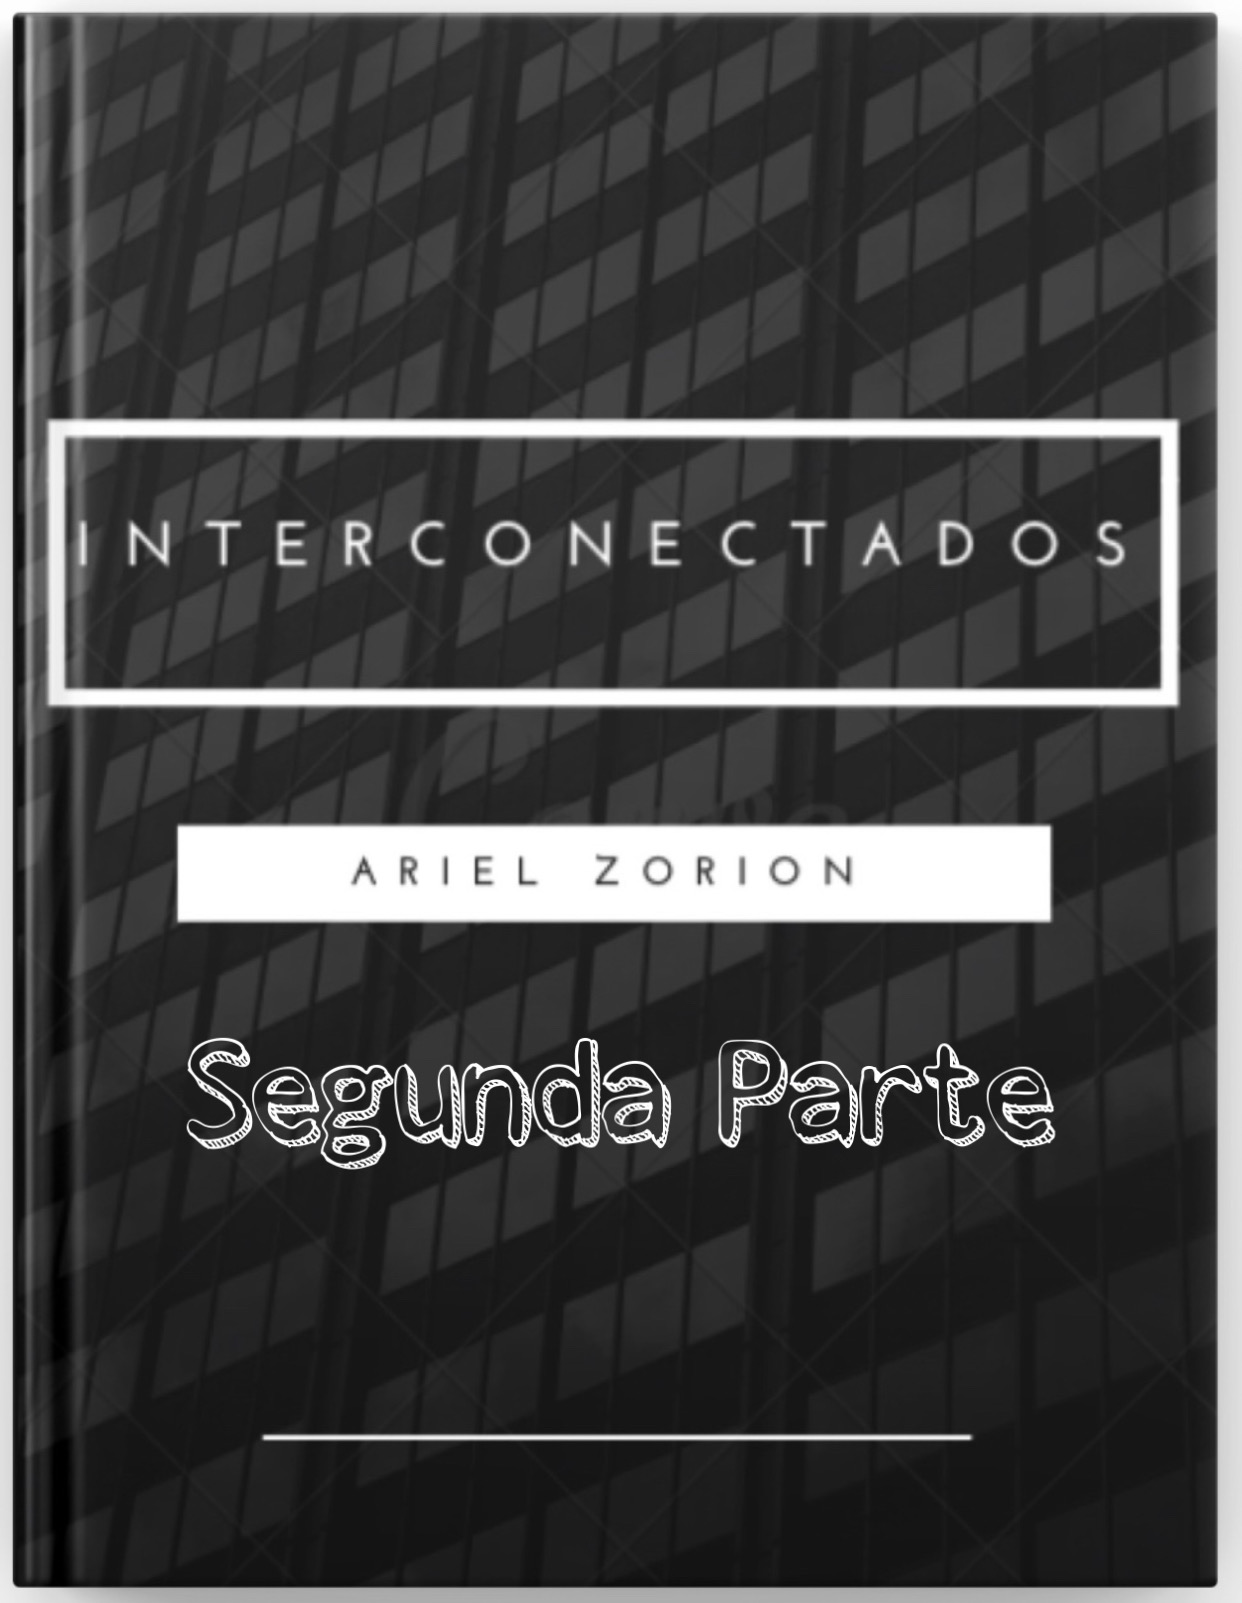 INTERCONECTADOS 2